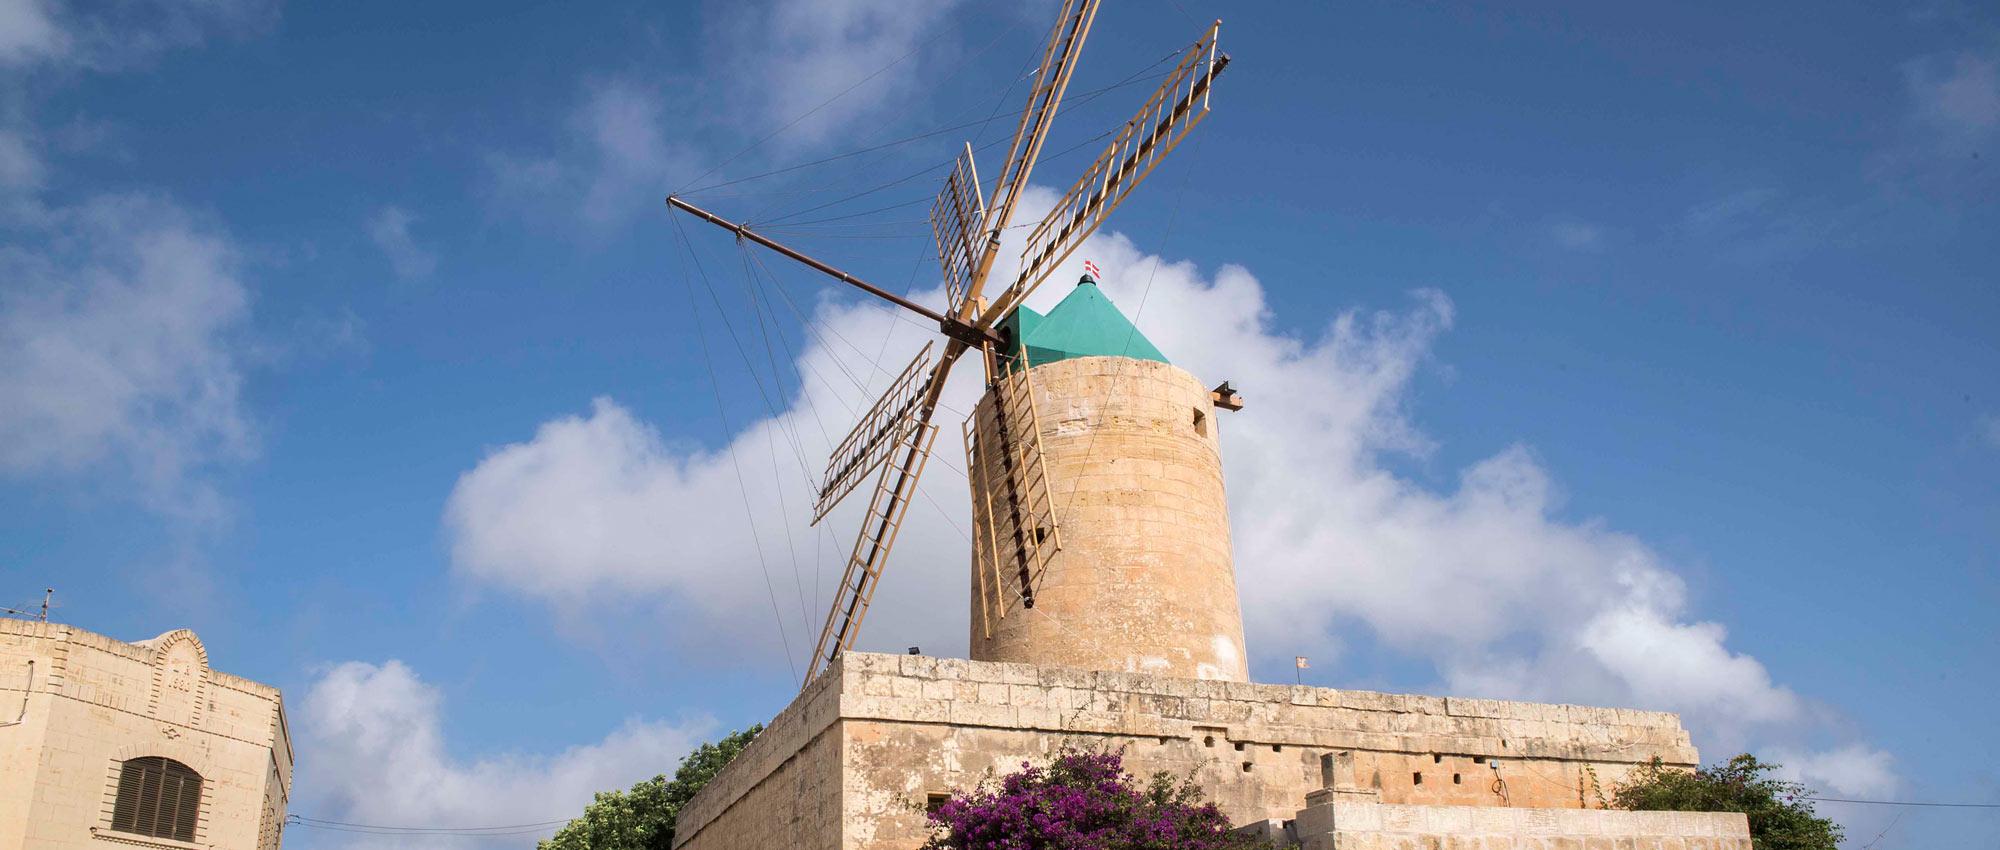 Ta' Kola Windmill, Gozo